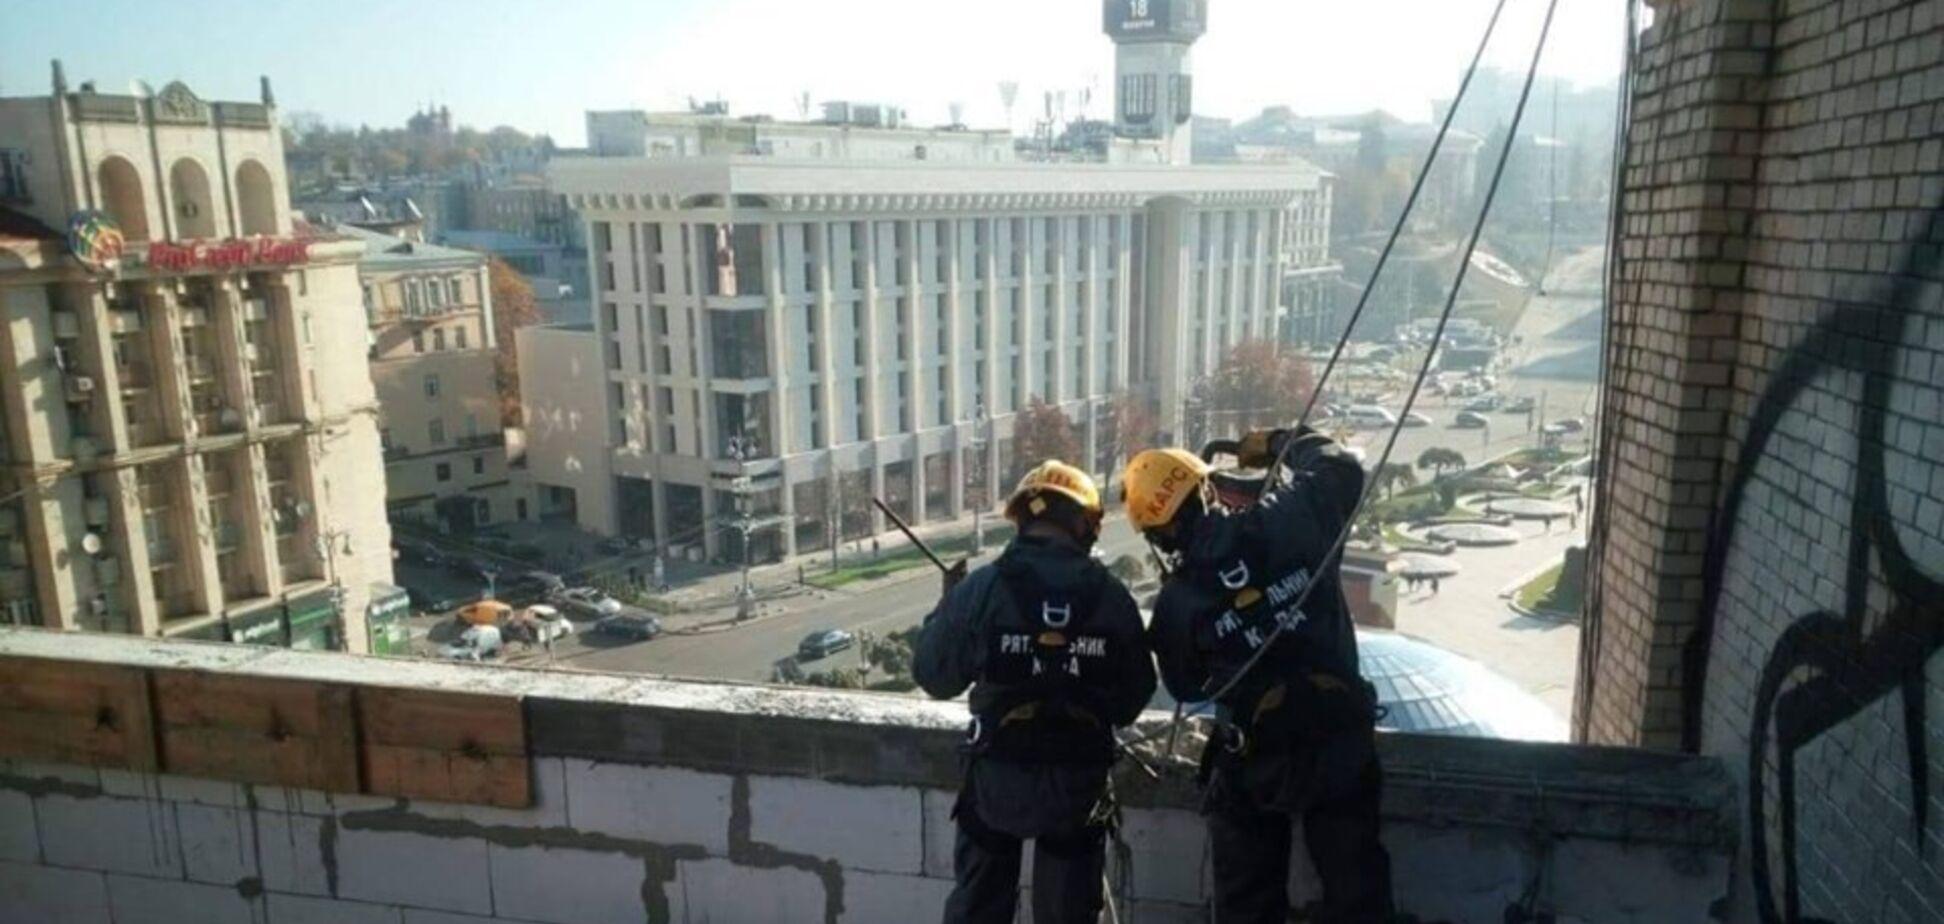 Скандал с пристройкой в центре Киева получил продолжение. Источник: Facebook Максима Бахматова